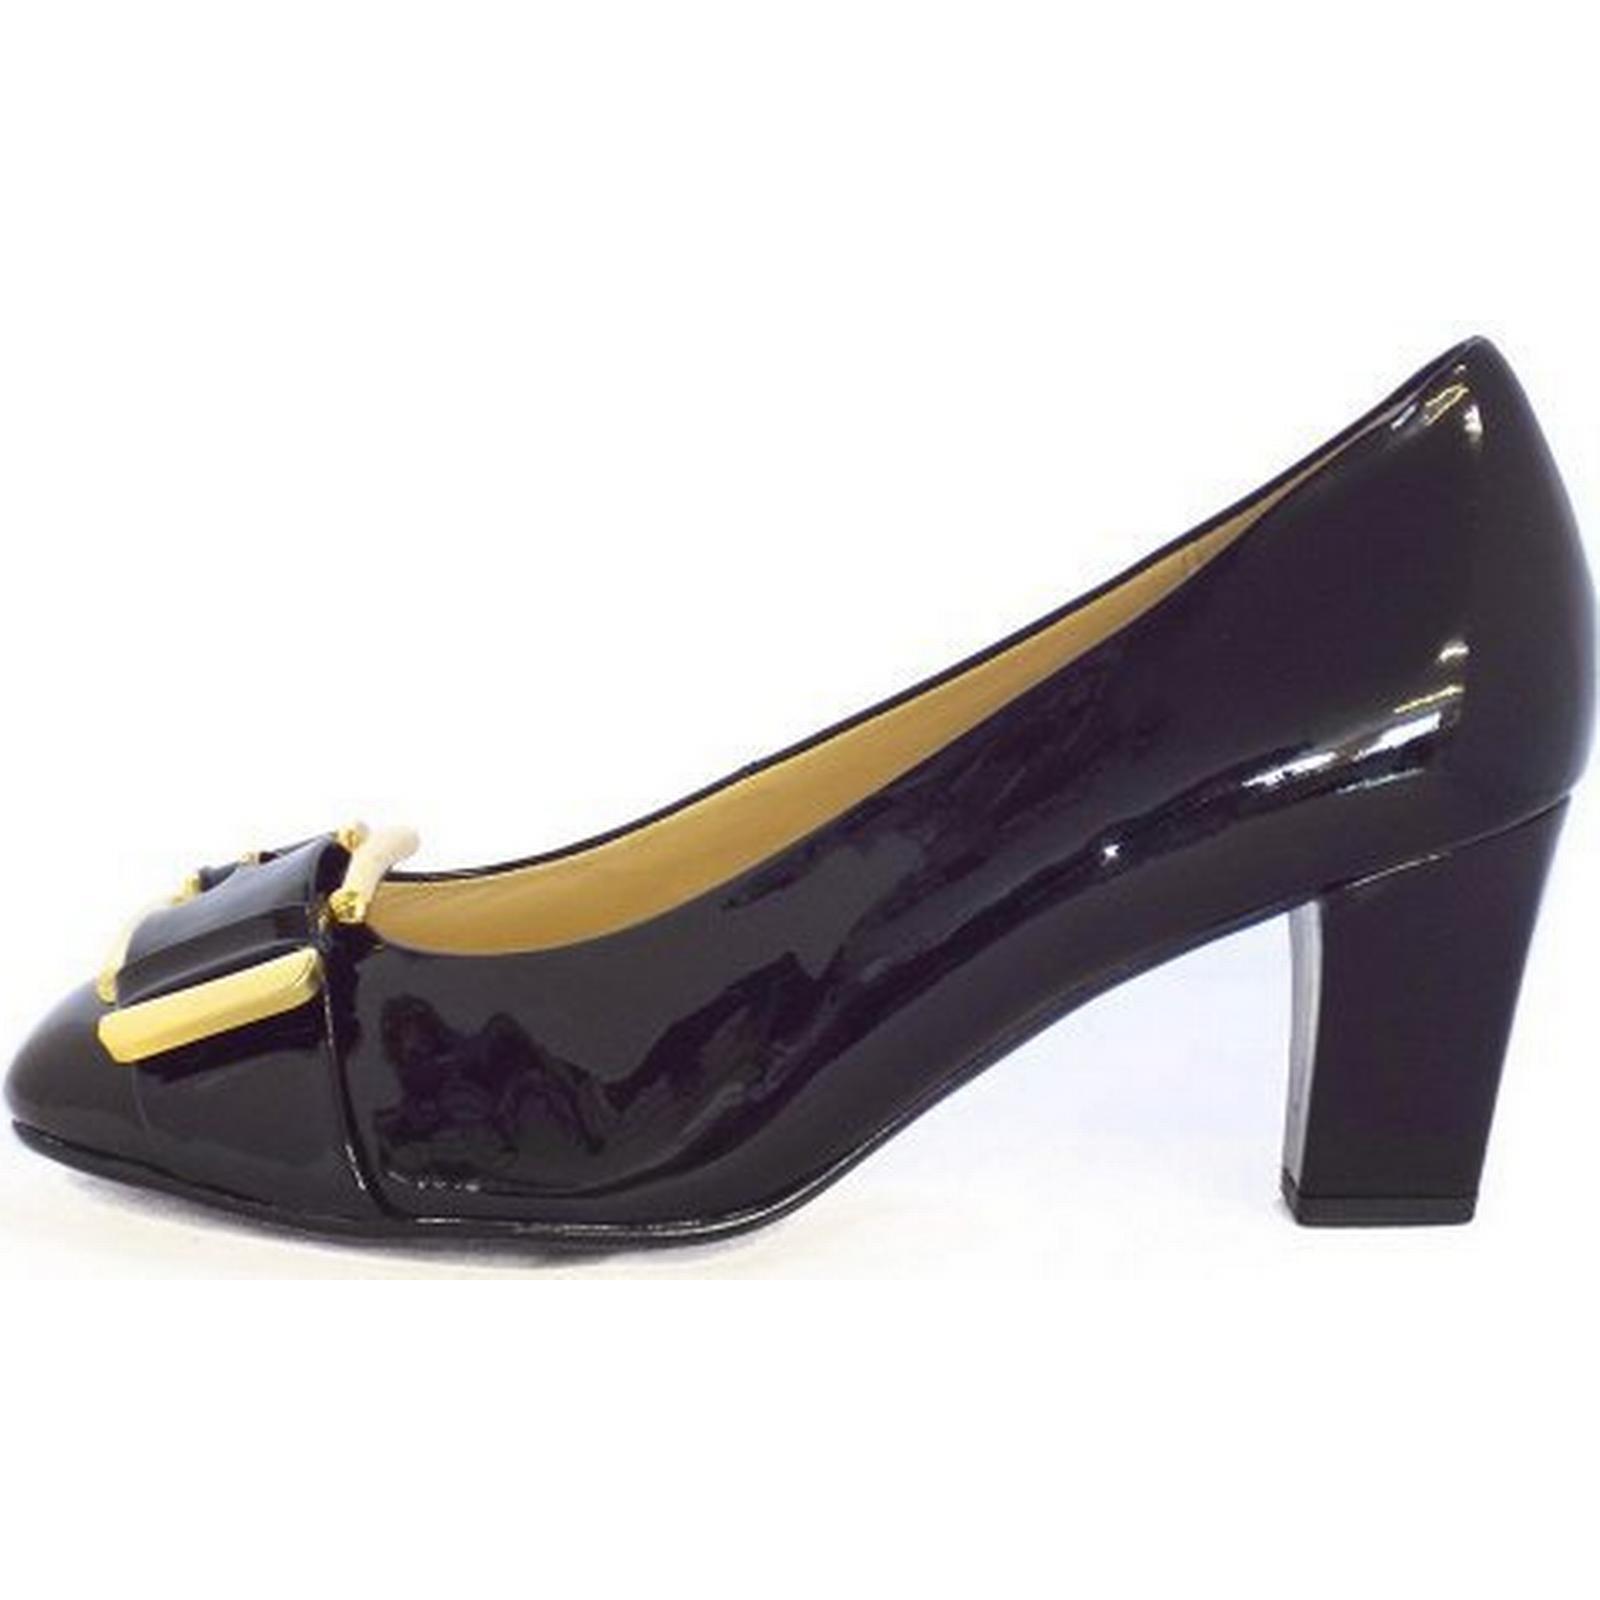 gabor admiration mesdames mesdames mesdames cour chaussure taille: 3 brevets dans le noir, couleur: bl d12816